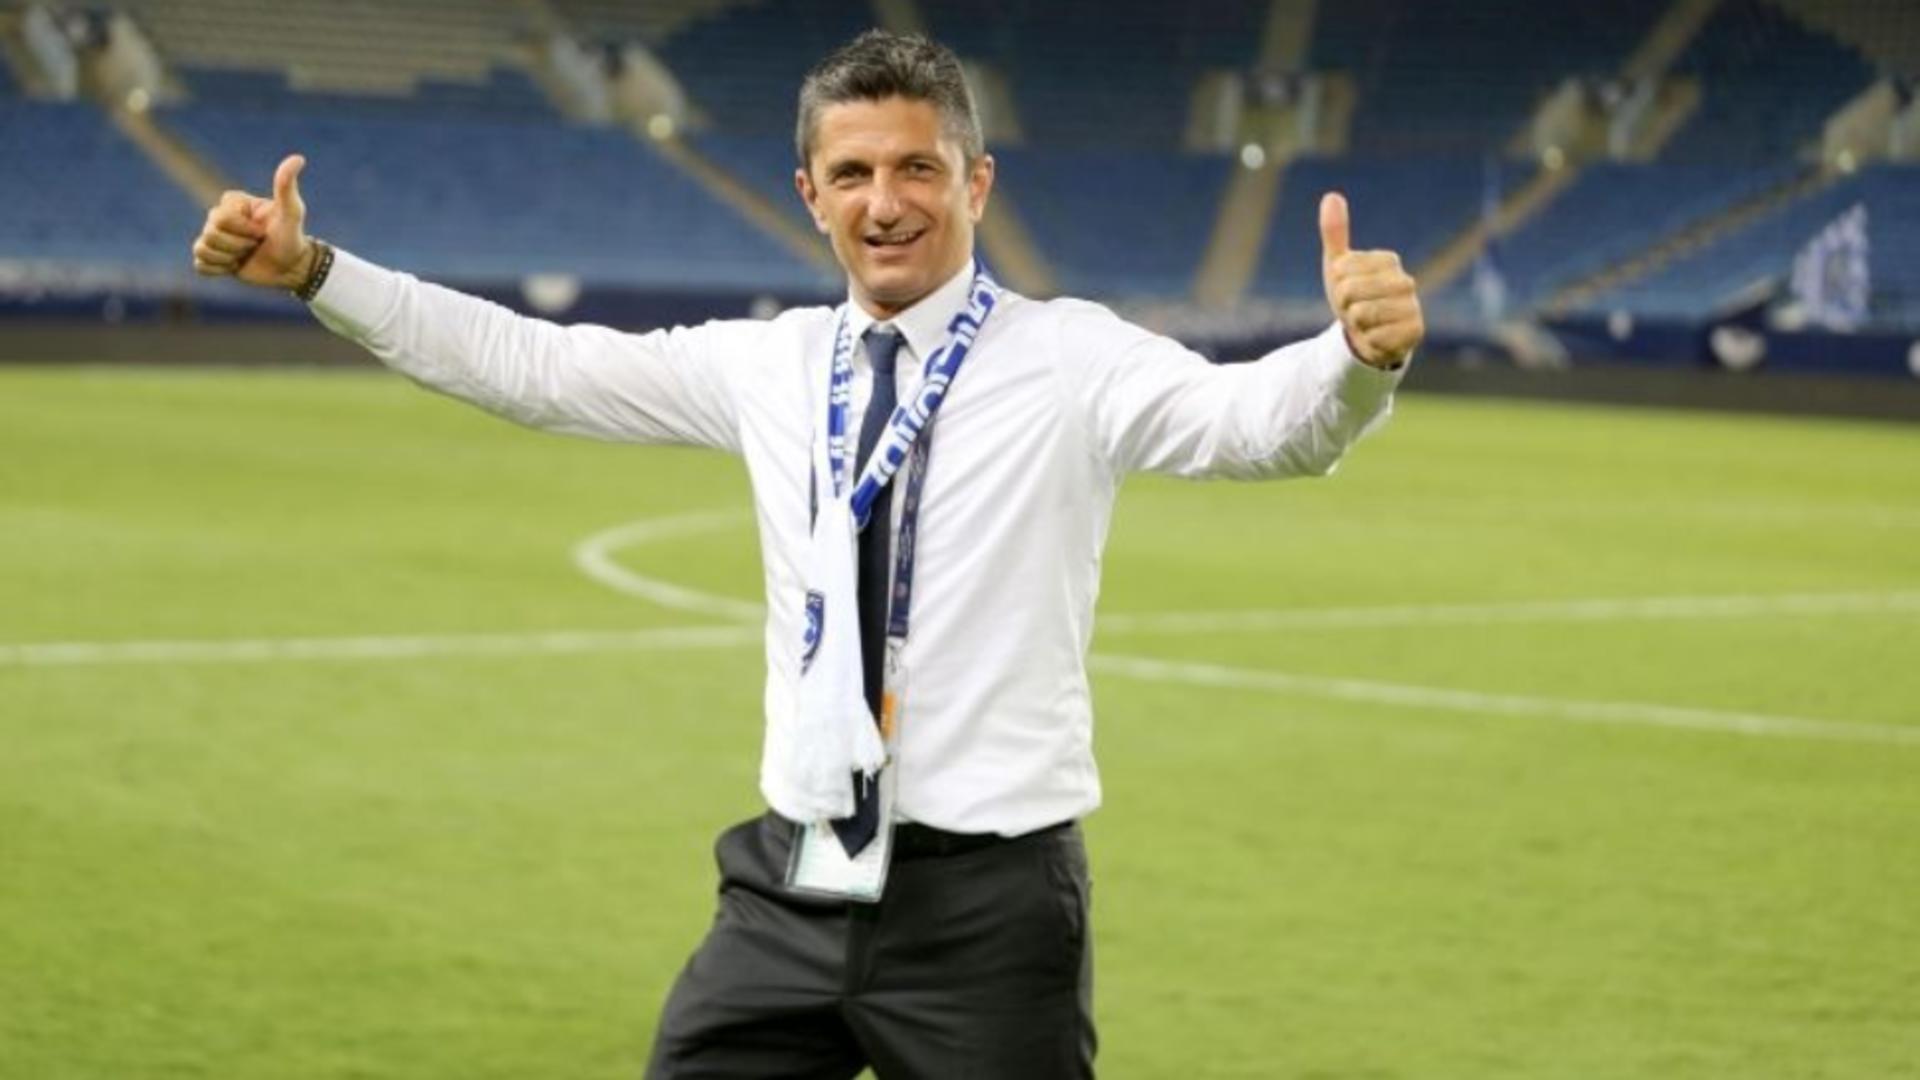 Răzvan Lucescu, viitorul antrenor al lui Ozil? Fenerbahce a pus ochii pe tehnicianul român. Anunțul făcut în Turcia